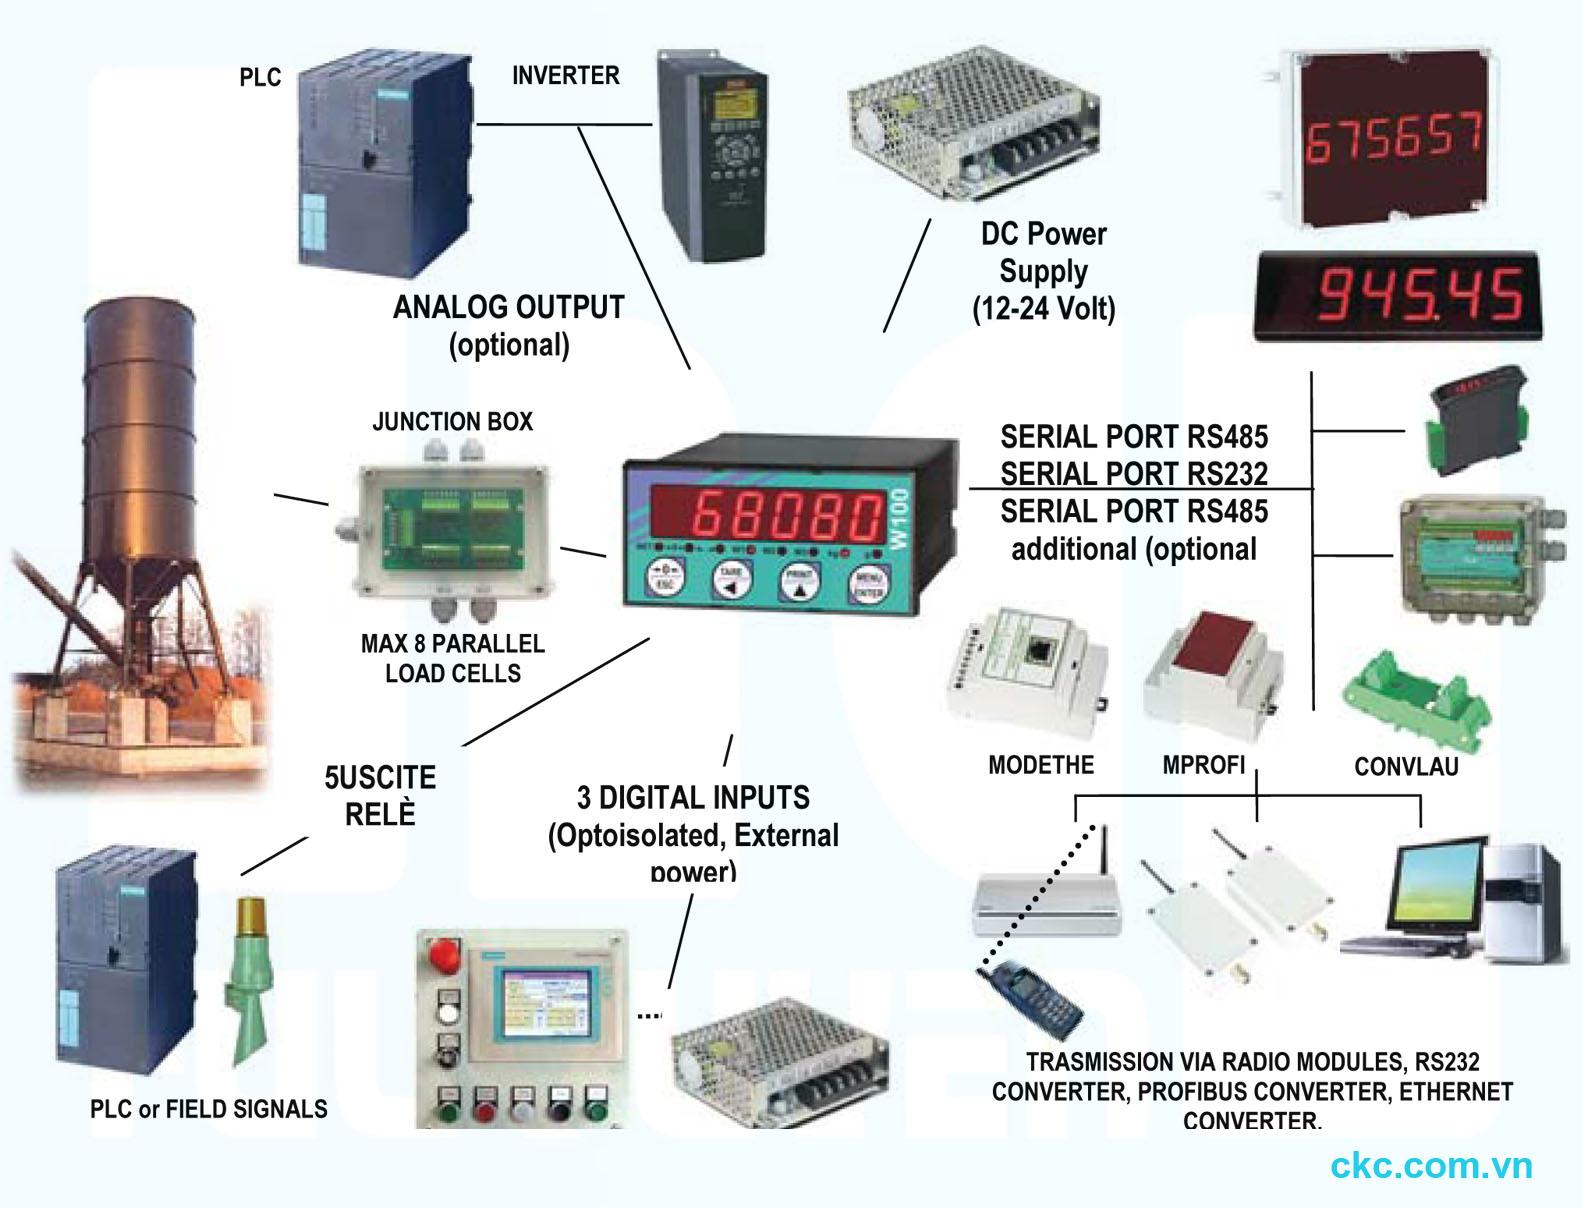 Thiết bị chuyển đổi tín hiệu điện sang hiển thị số